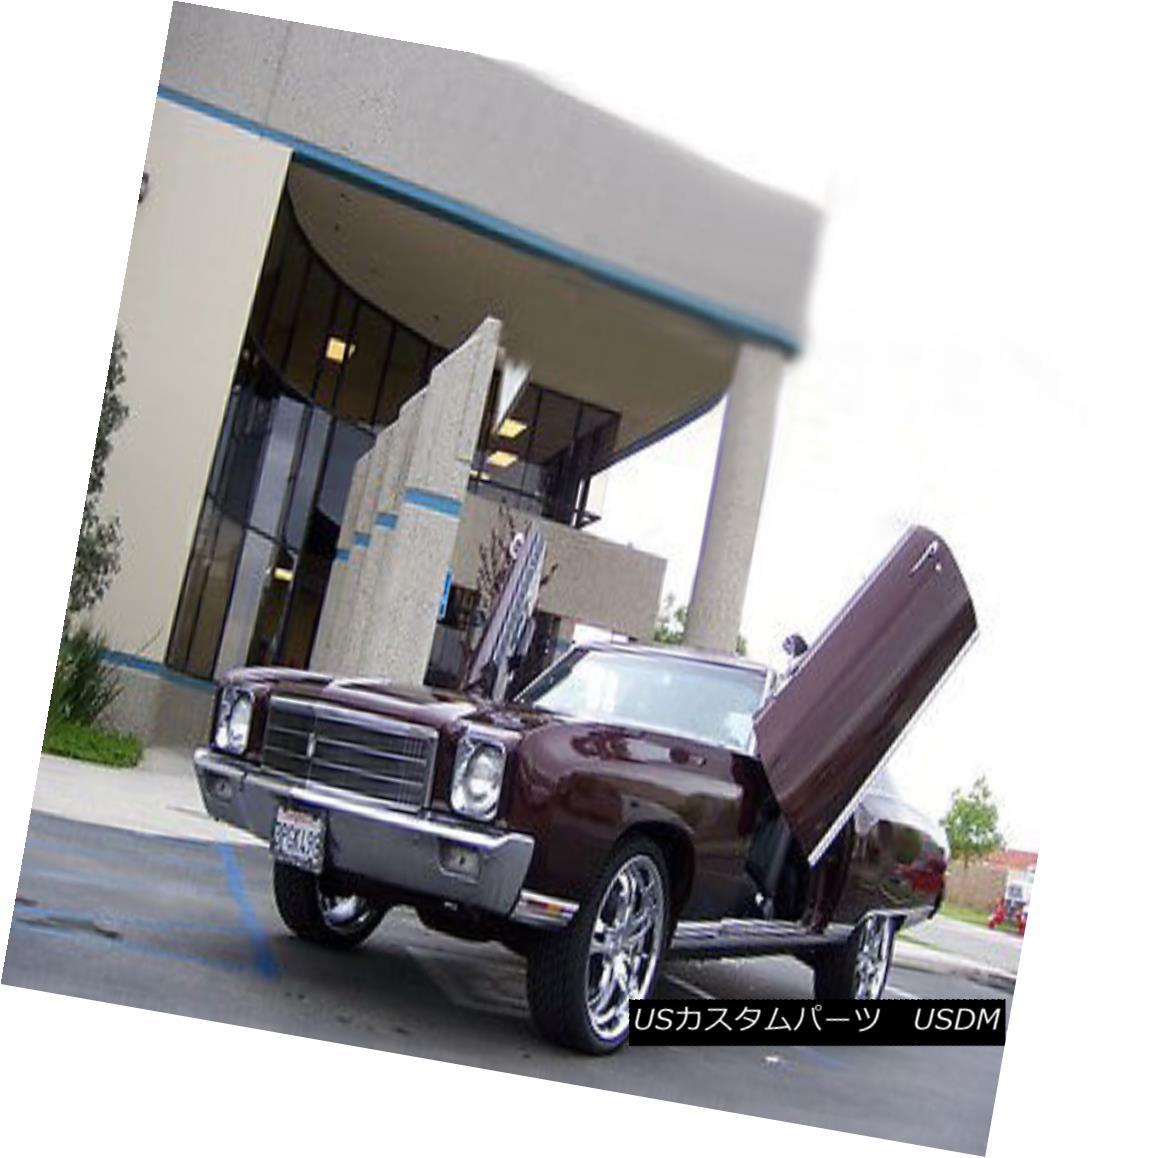 ガルウィングキット Direct Bolt On Vertical Lambo Doors Hinges Kit With Warranty VDCCHEVYMC7072 VDCCHEVYMC7072の垂直ランボルギーニドアヒンジキットの直接ボルト